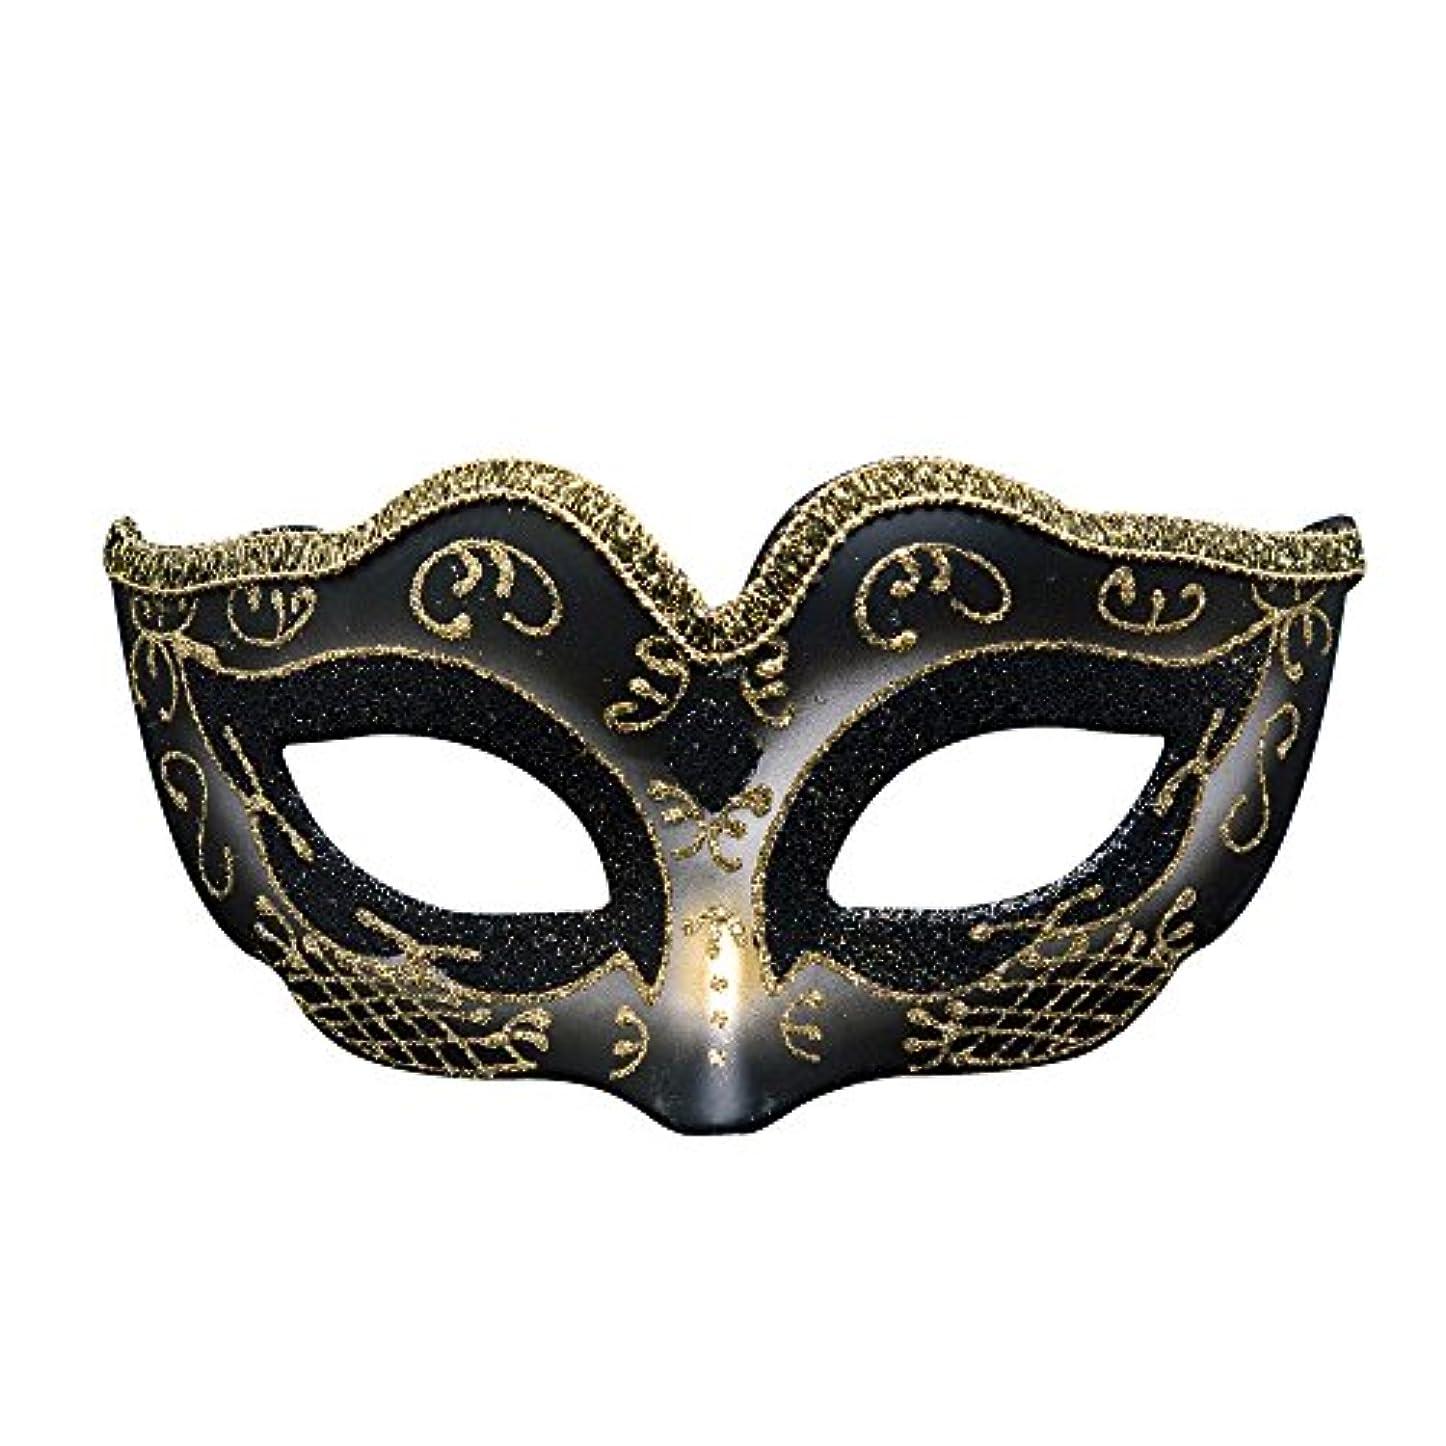 追い出すバルク発送クリエイティブキッズマスカレードパーティーハロウィンマスククリスマス雰囲気マスク (Color : #3)